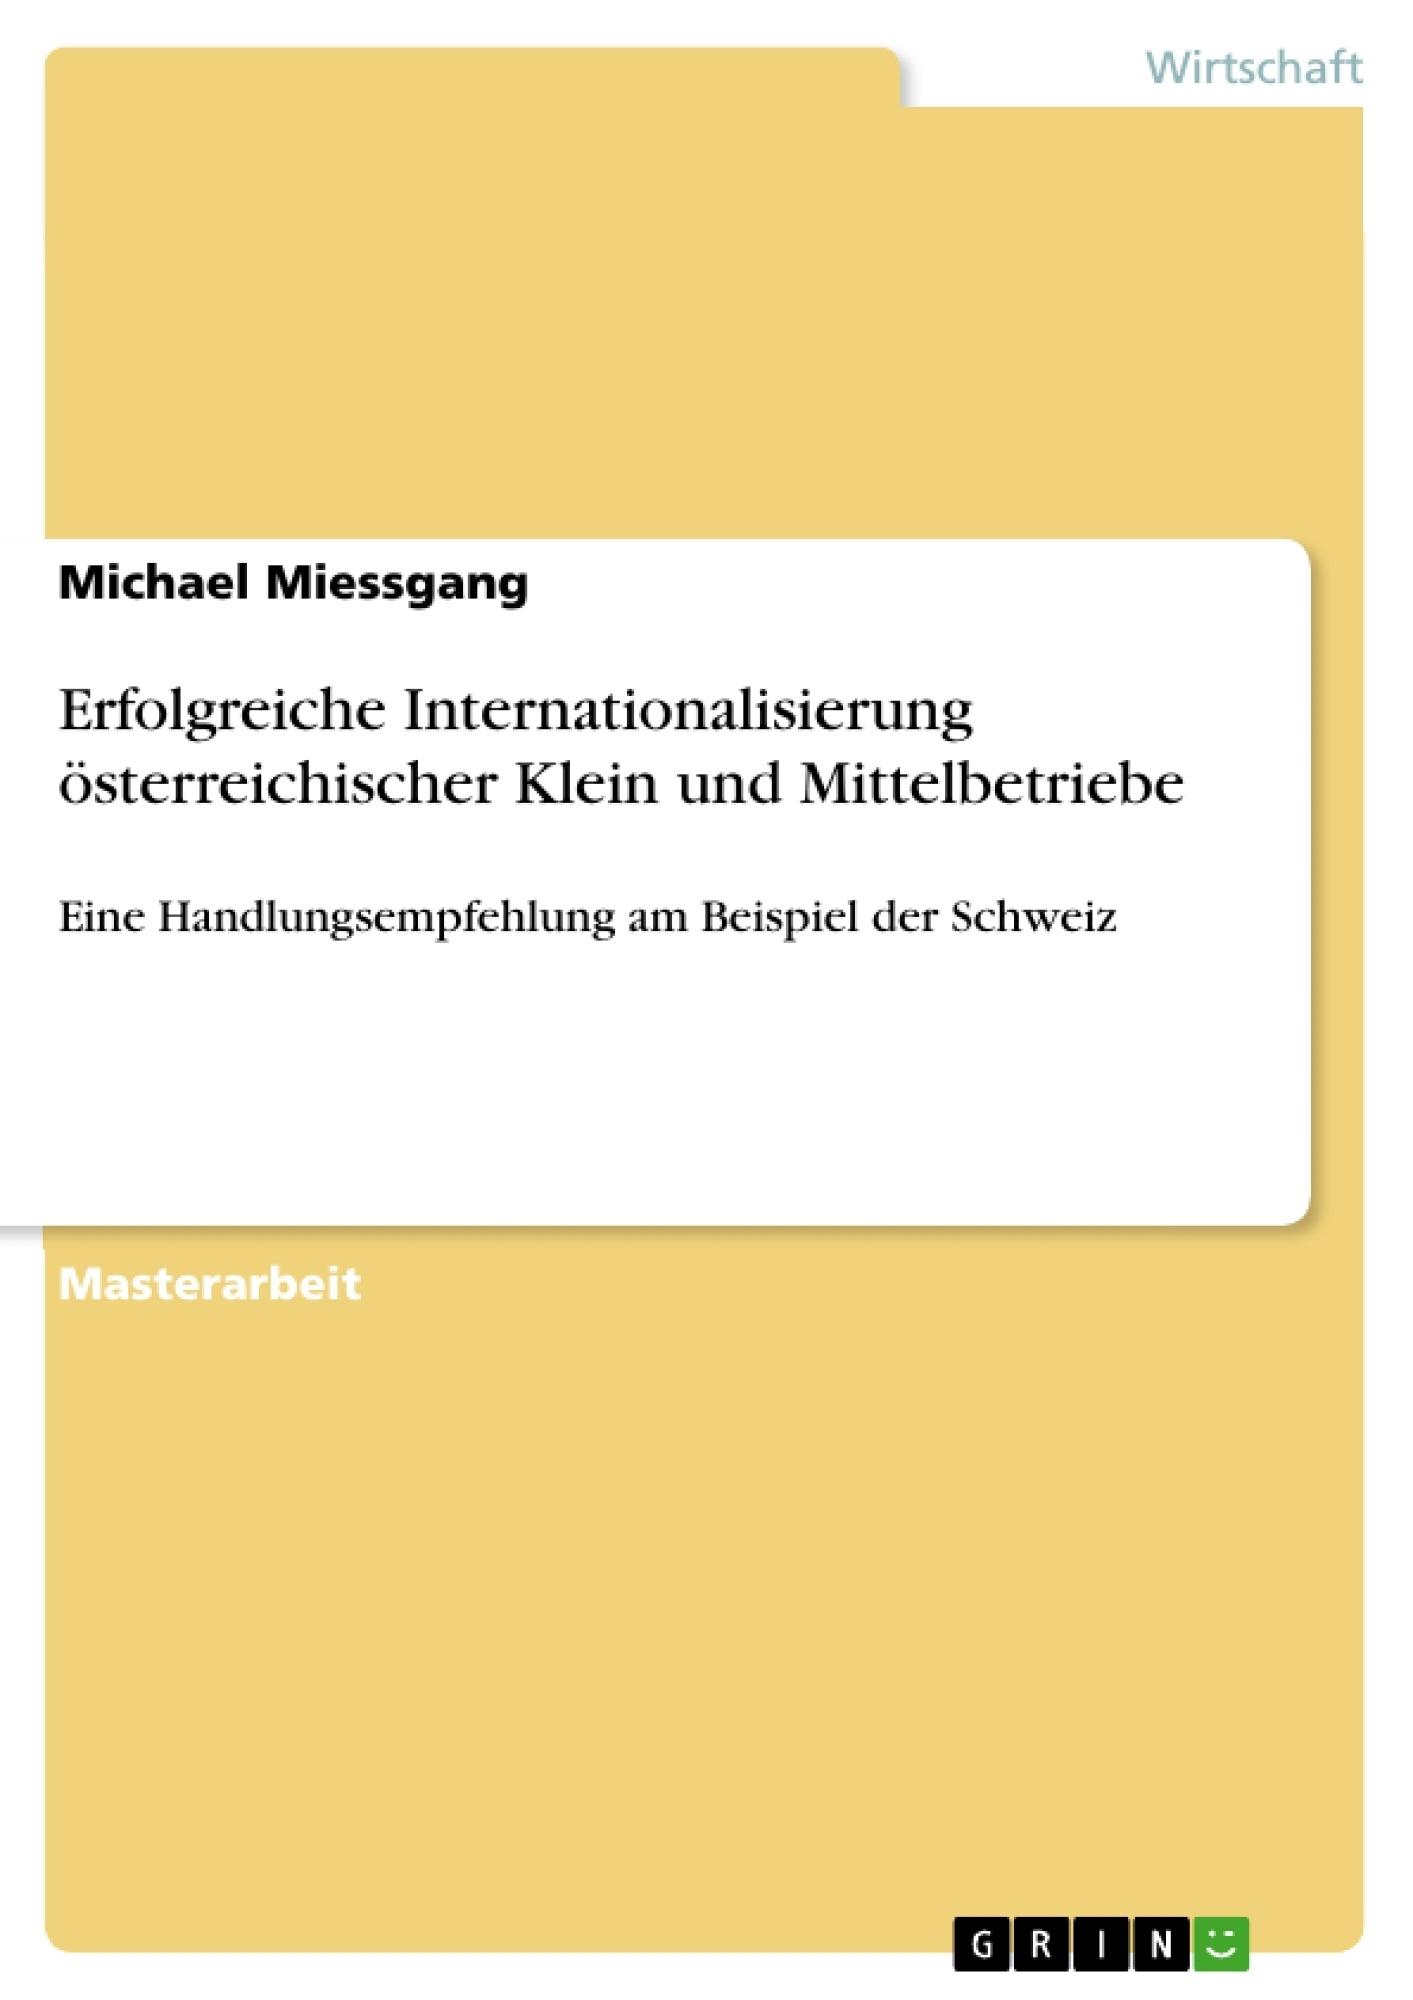 Titel: Erfolgreiche Internationalisierung österreichischer Klein und Mittelbetriebe